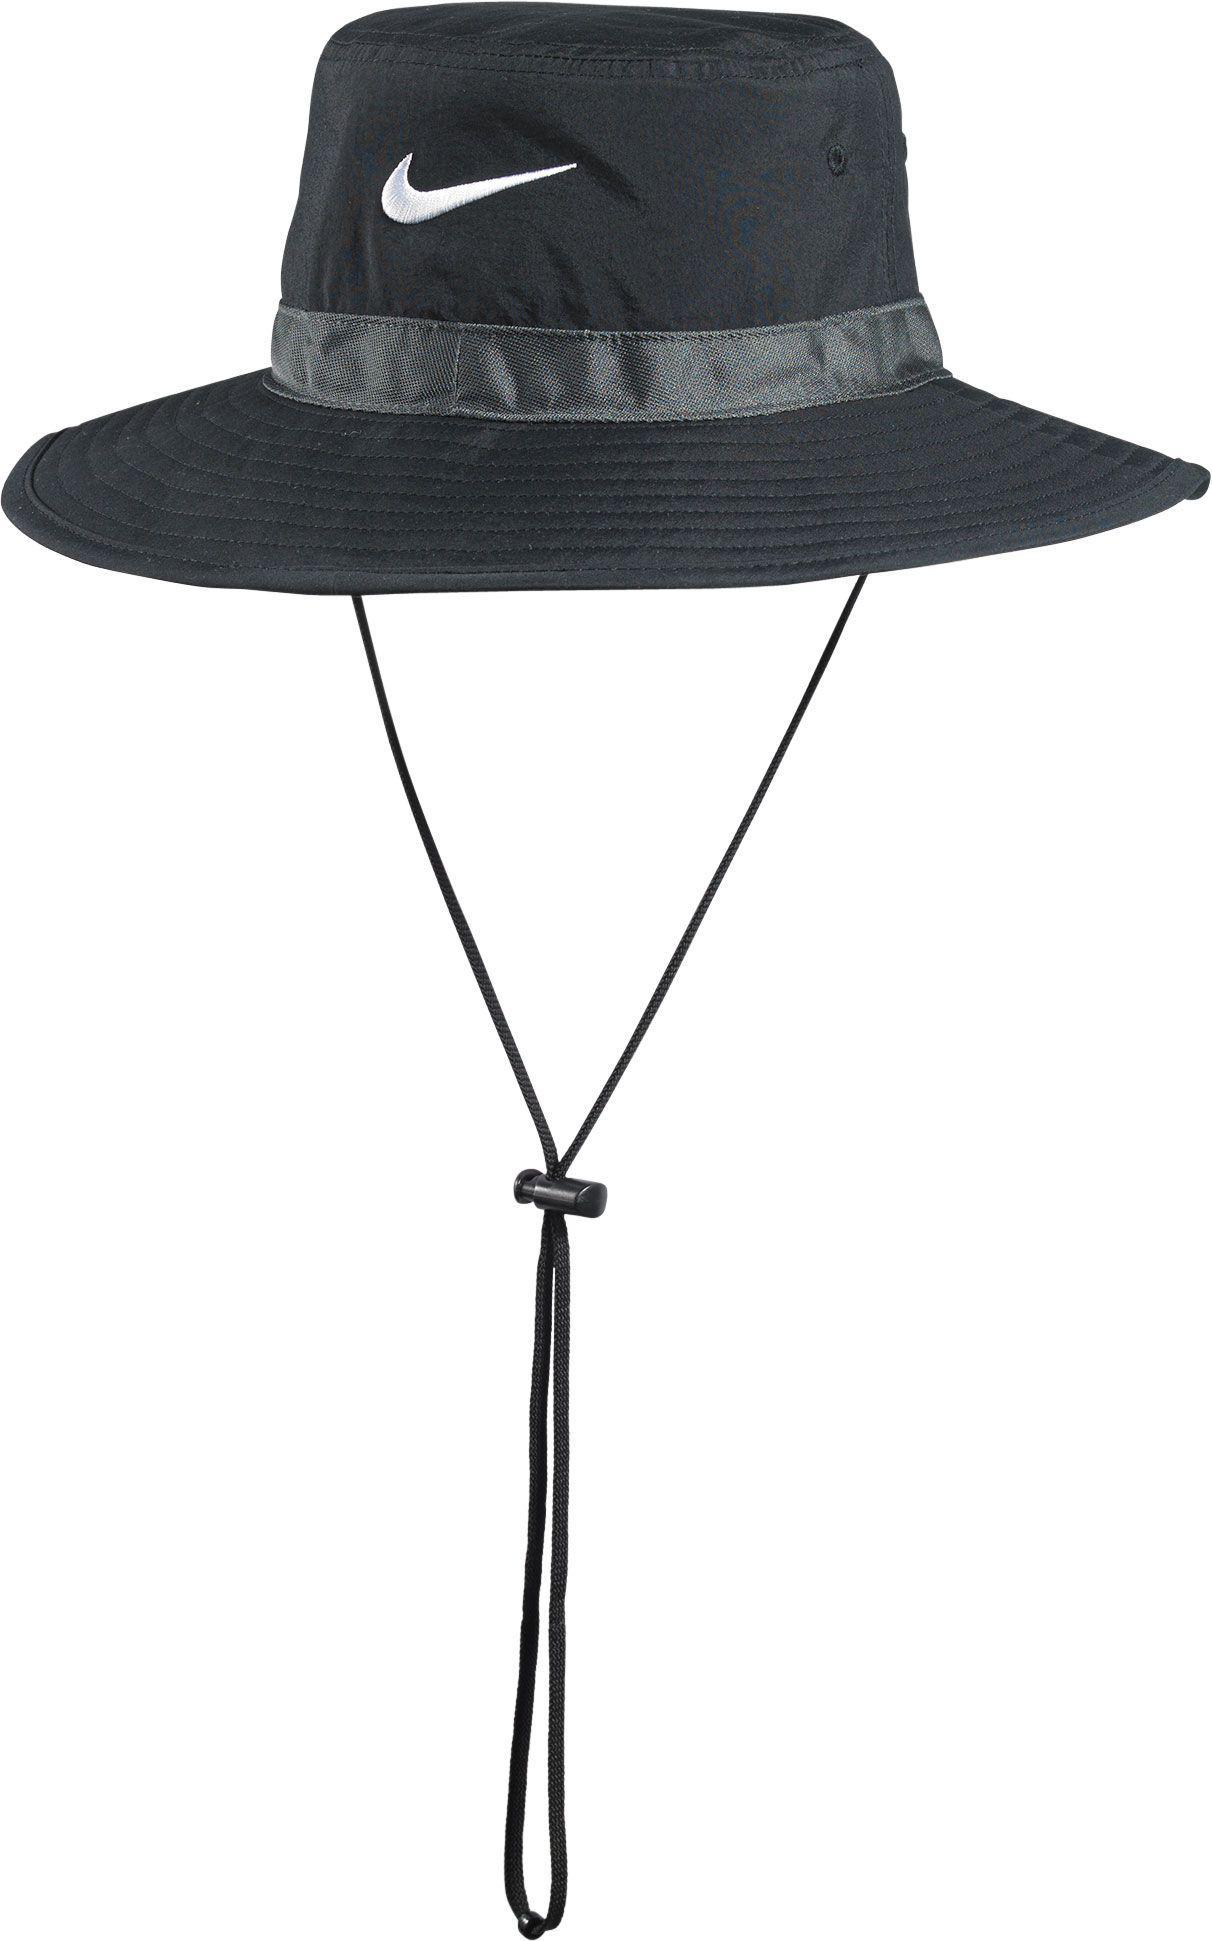 Lyst - Nike Sideline Bucket Hat in Black for Men b88c9459162